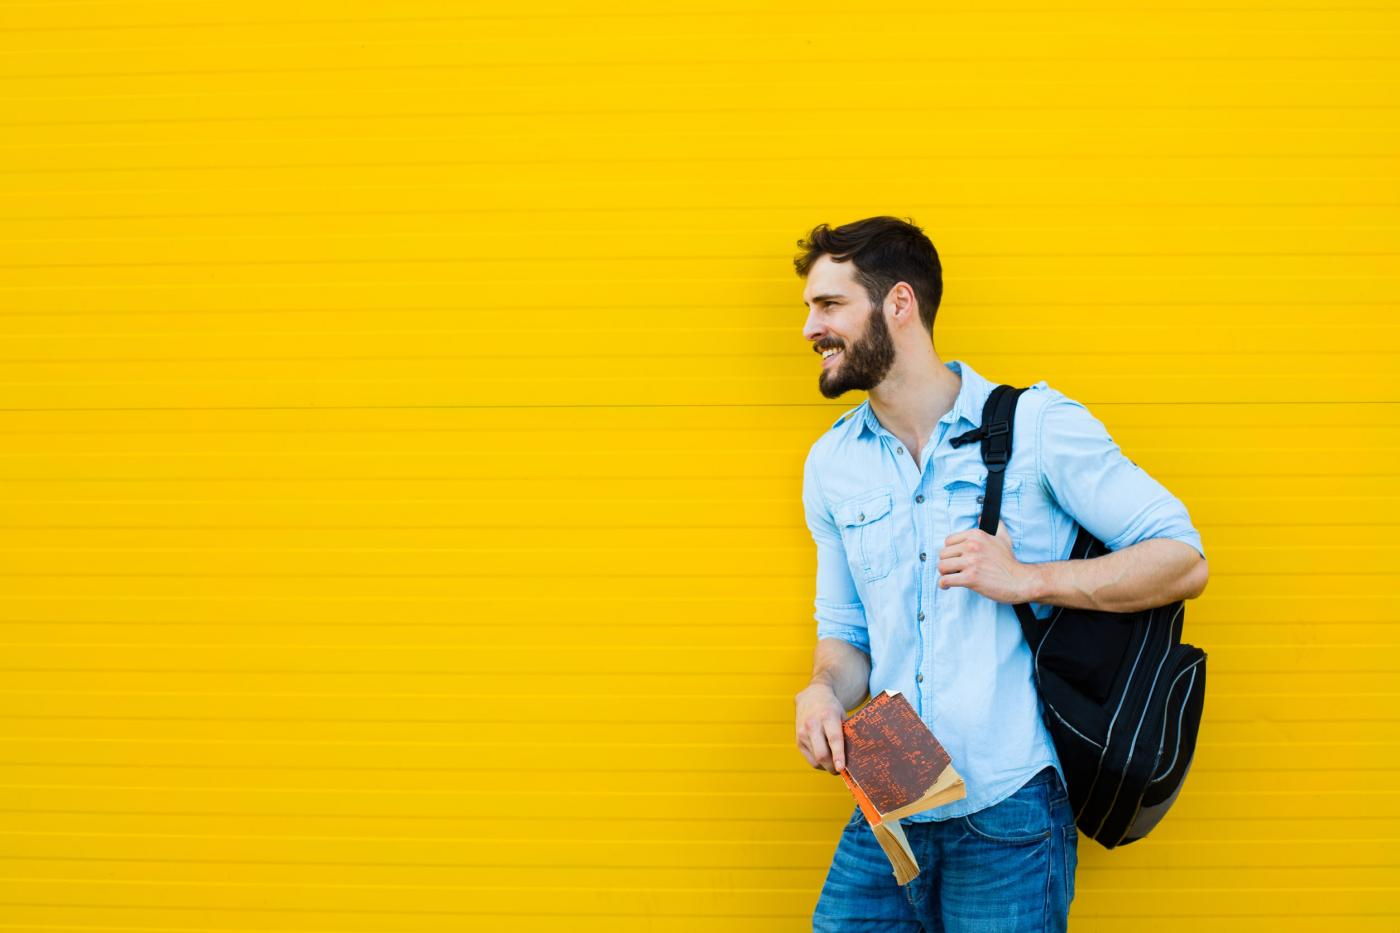 u2guide-avoir-un-impact-social-voyagez